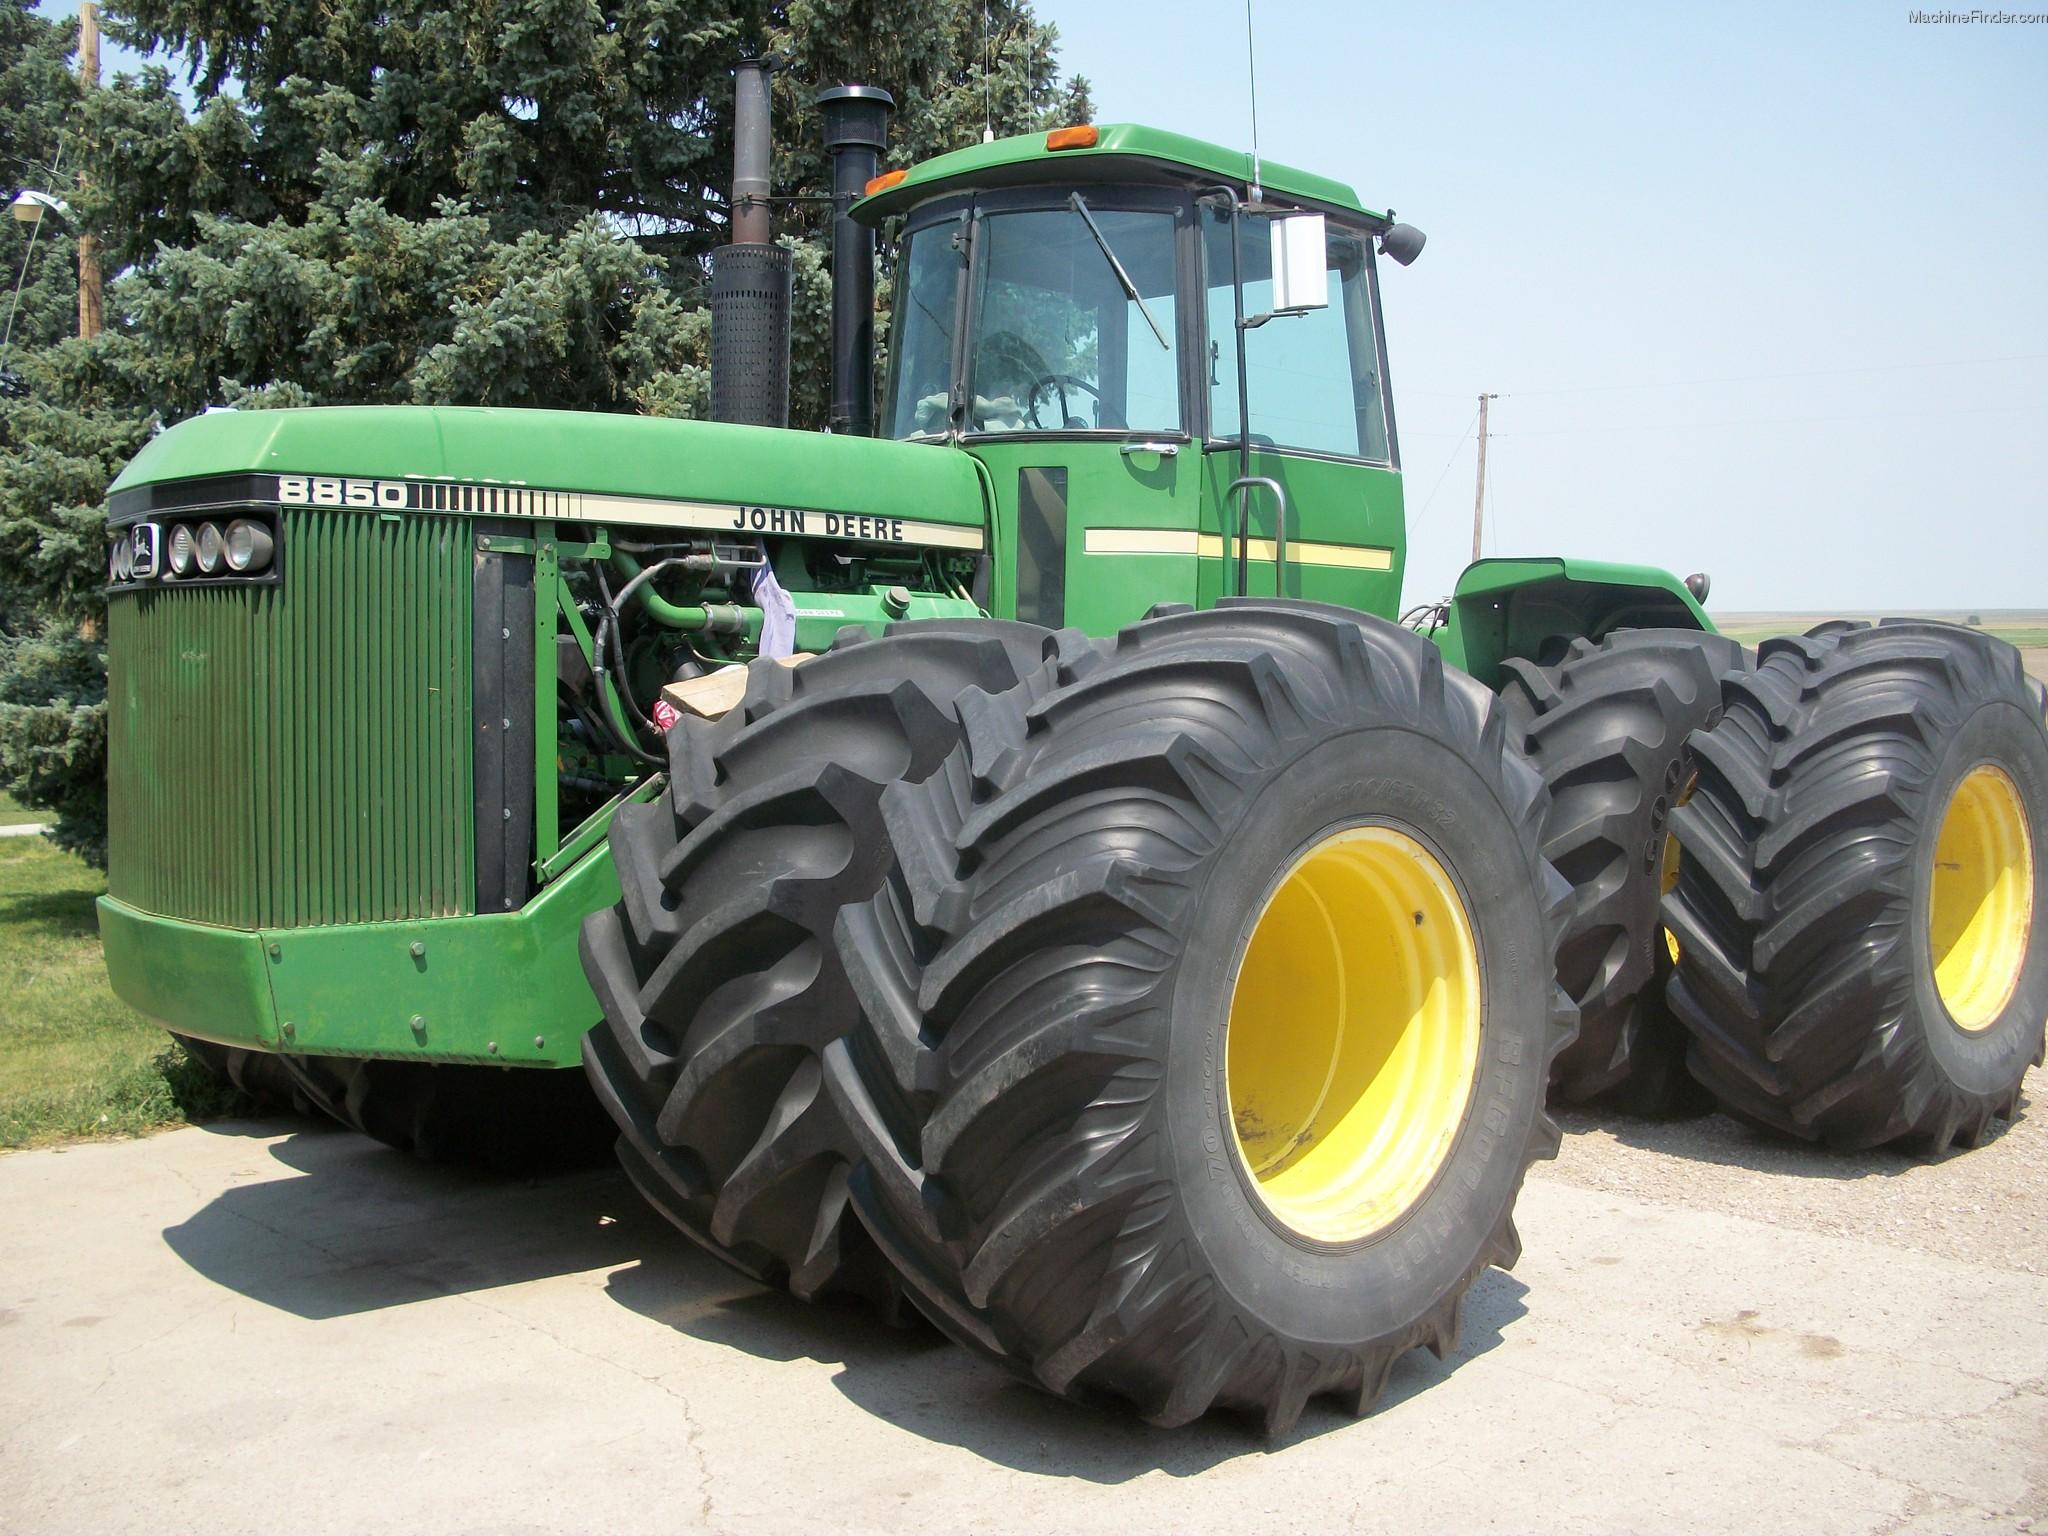 1983 John Deere 8850 Tractors - Articulated 4WD - John ...